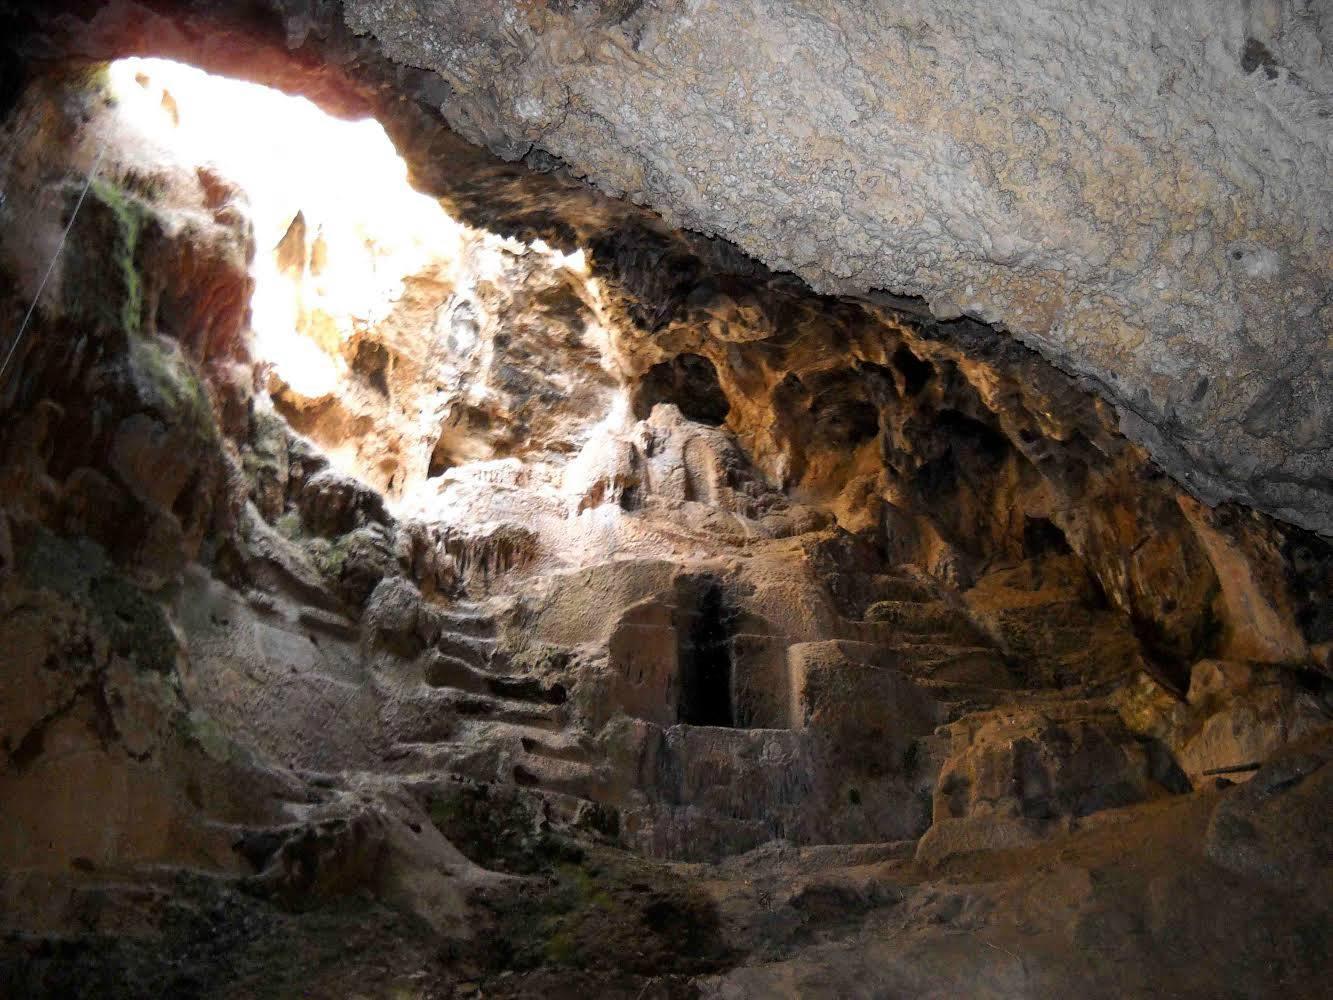 Ξενάγηση στο σπήλαιο του Νυμφόληπτου στη Βάρη